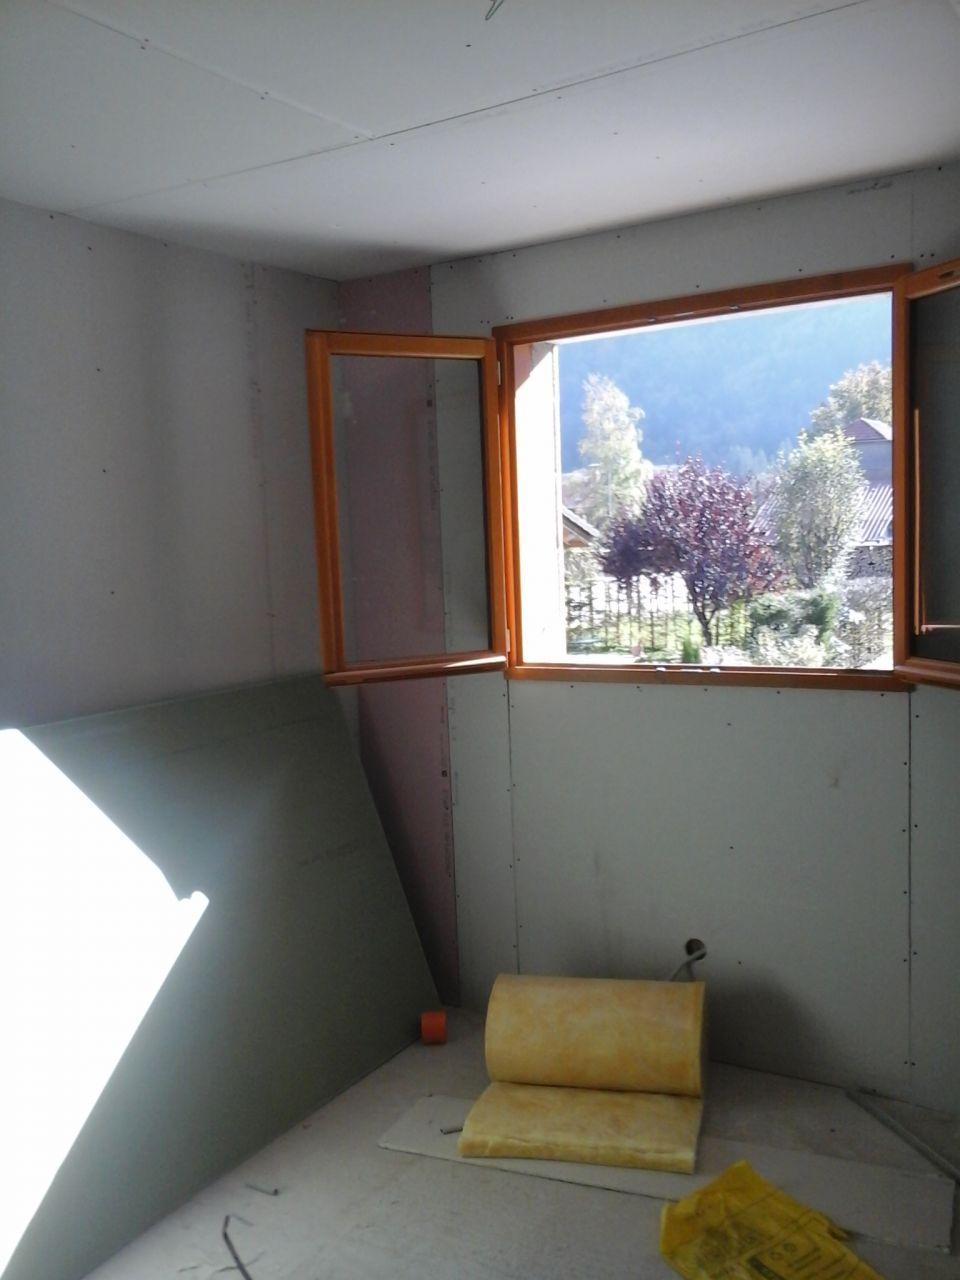 placo etage